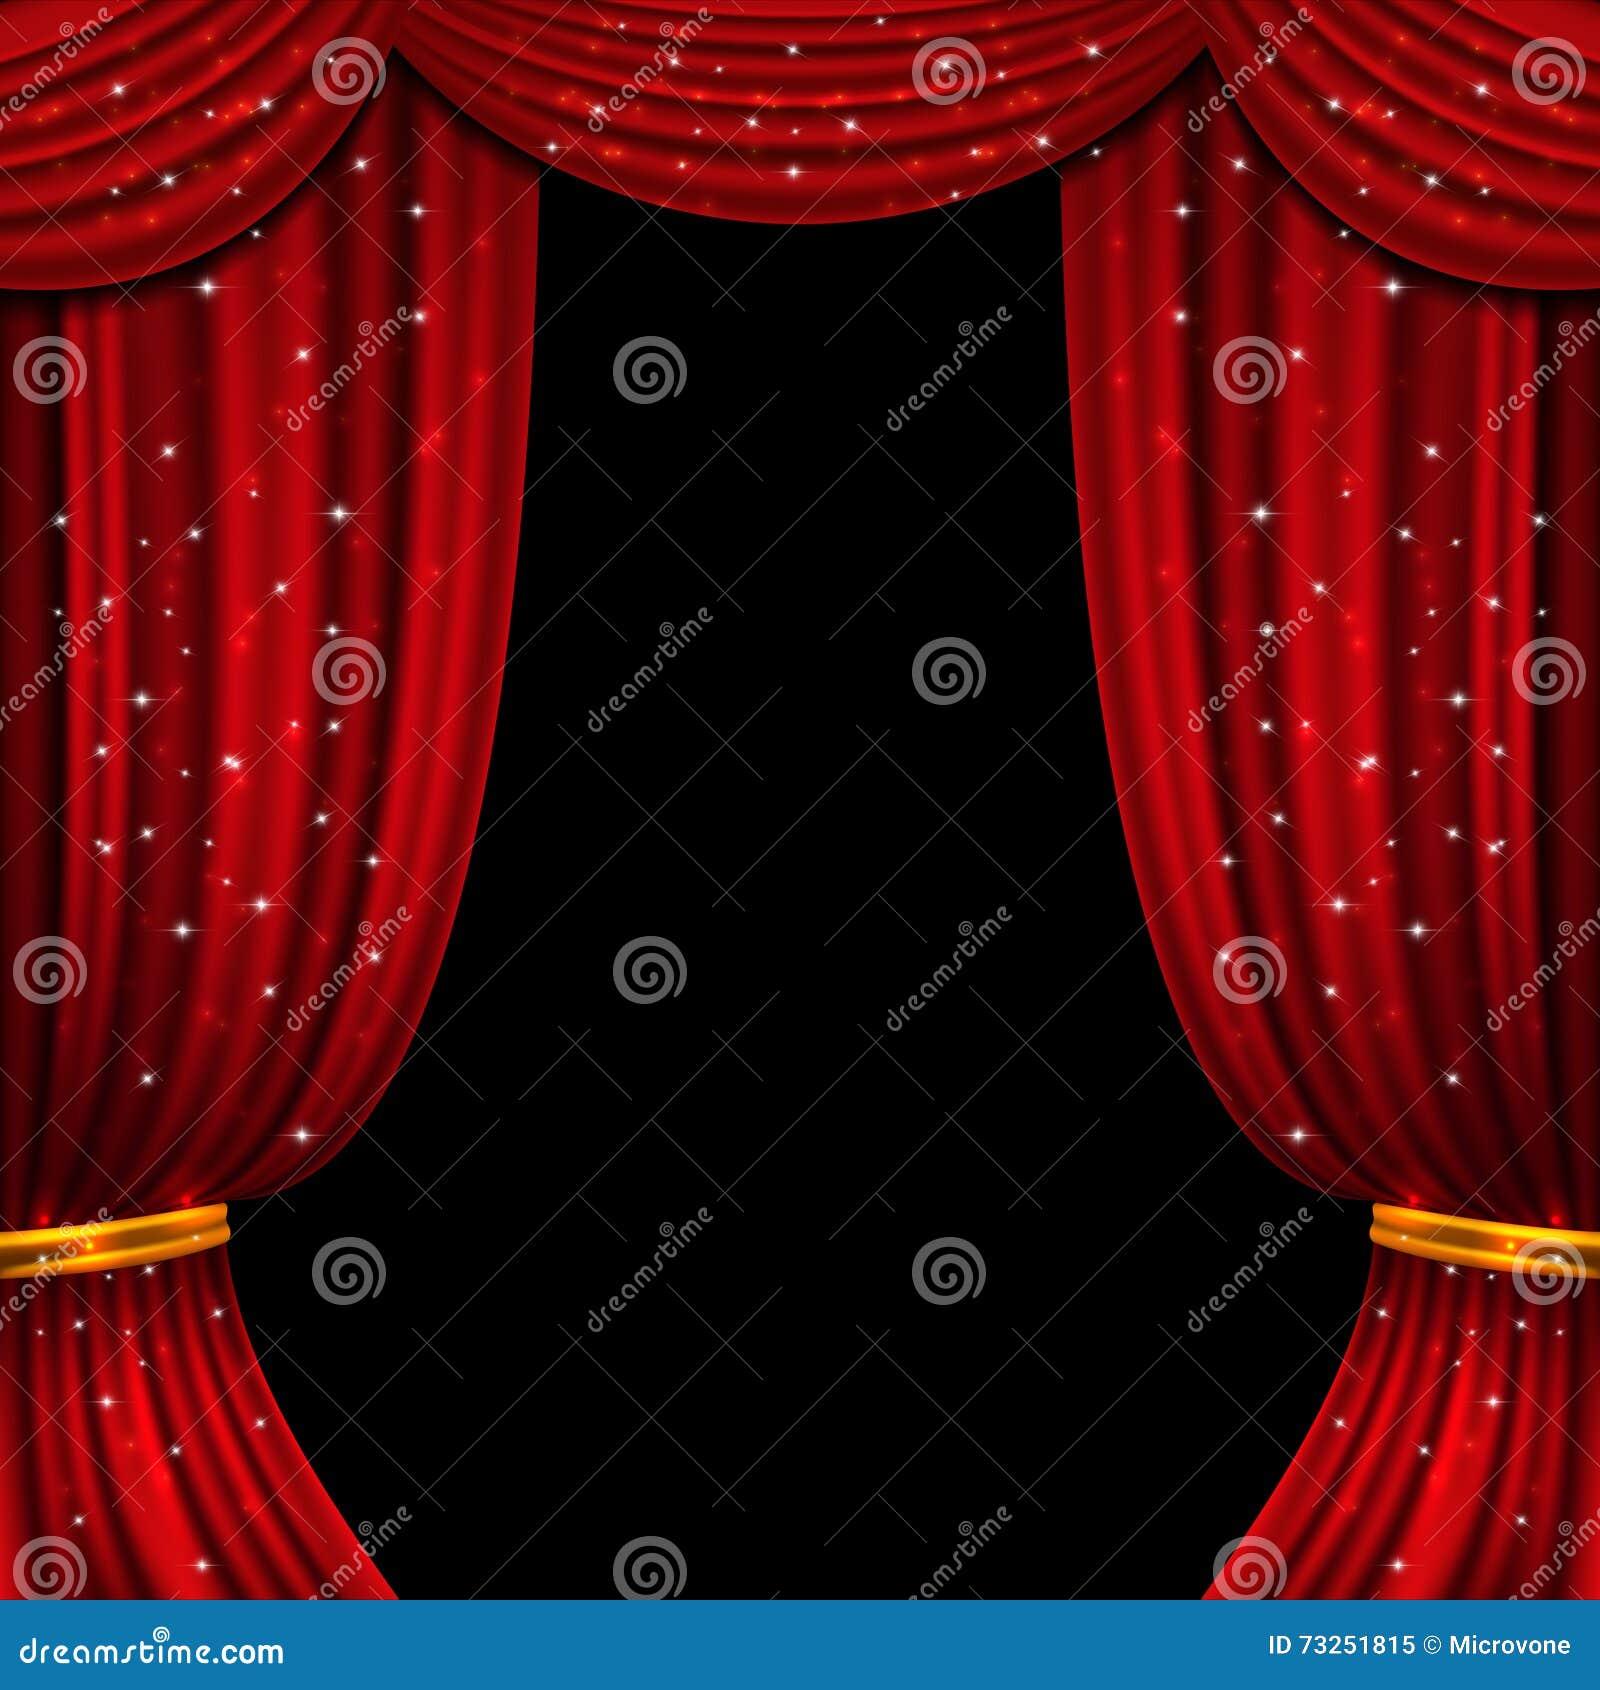 Offener Vorhang Des Rotes Mit Funkelnden Lichtern Es Kann Für ...